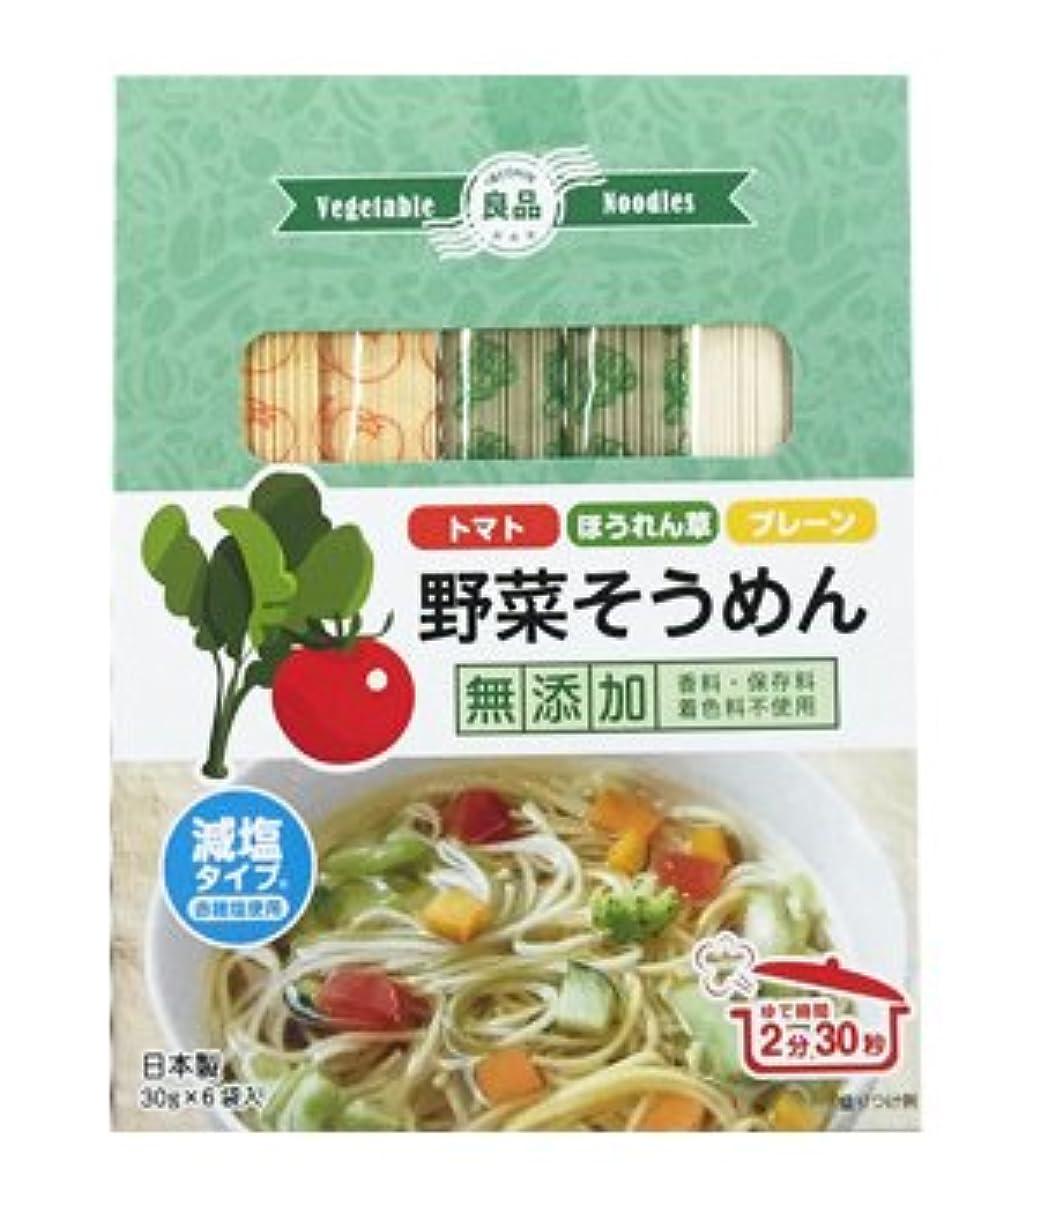 動物悪化させる端末良品 野菜そうめん(トマト?ほうれん草?プレーン) 30g×6袋入